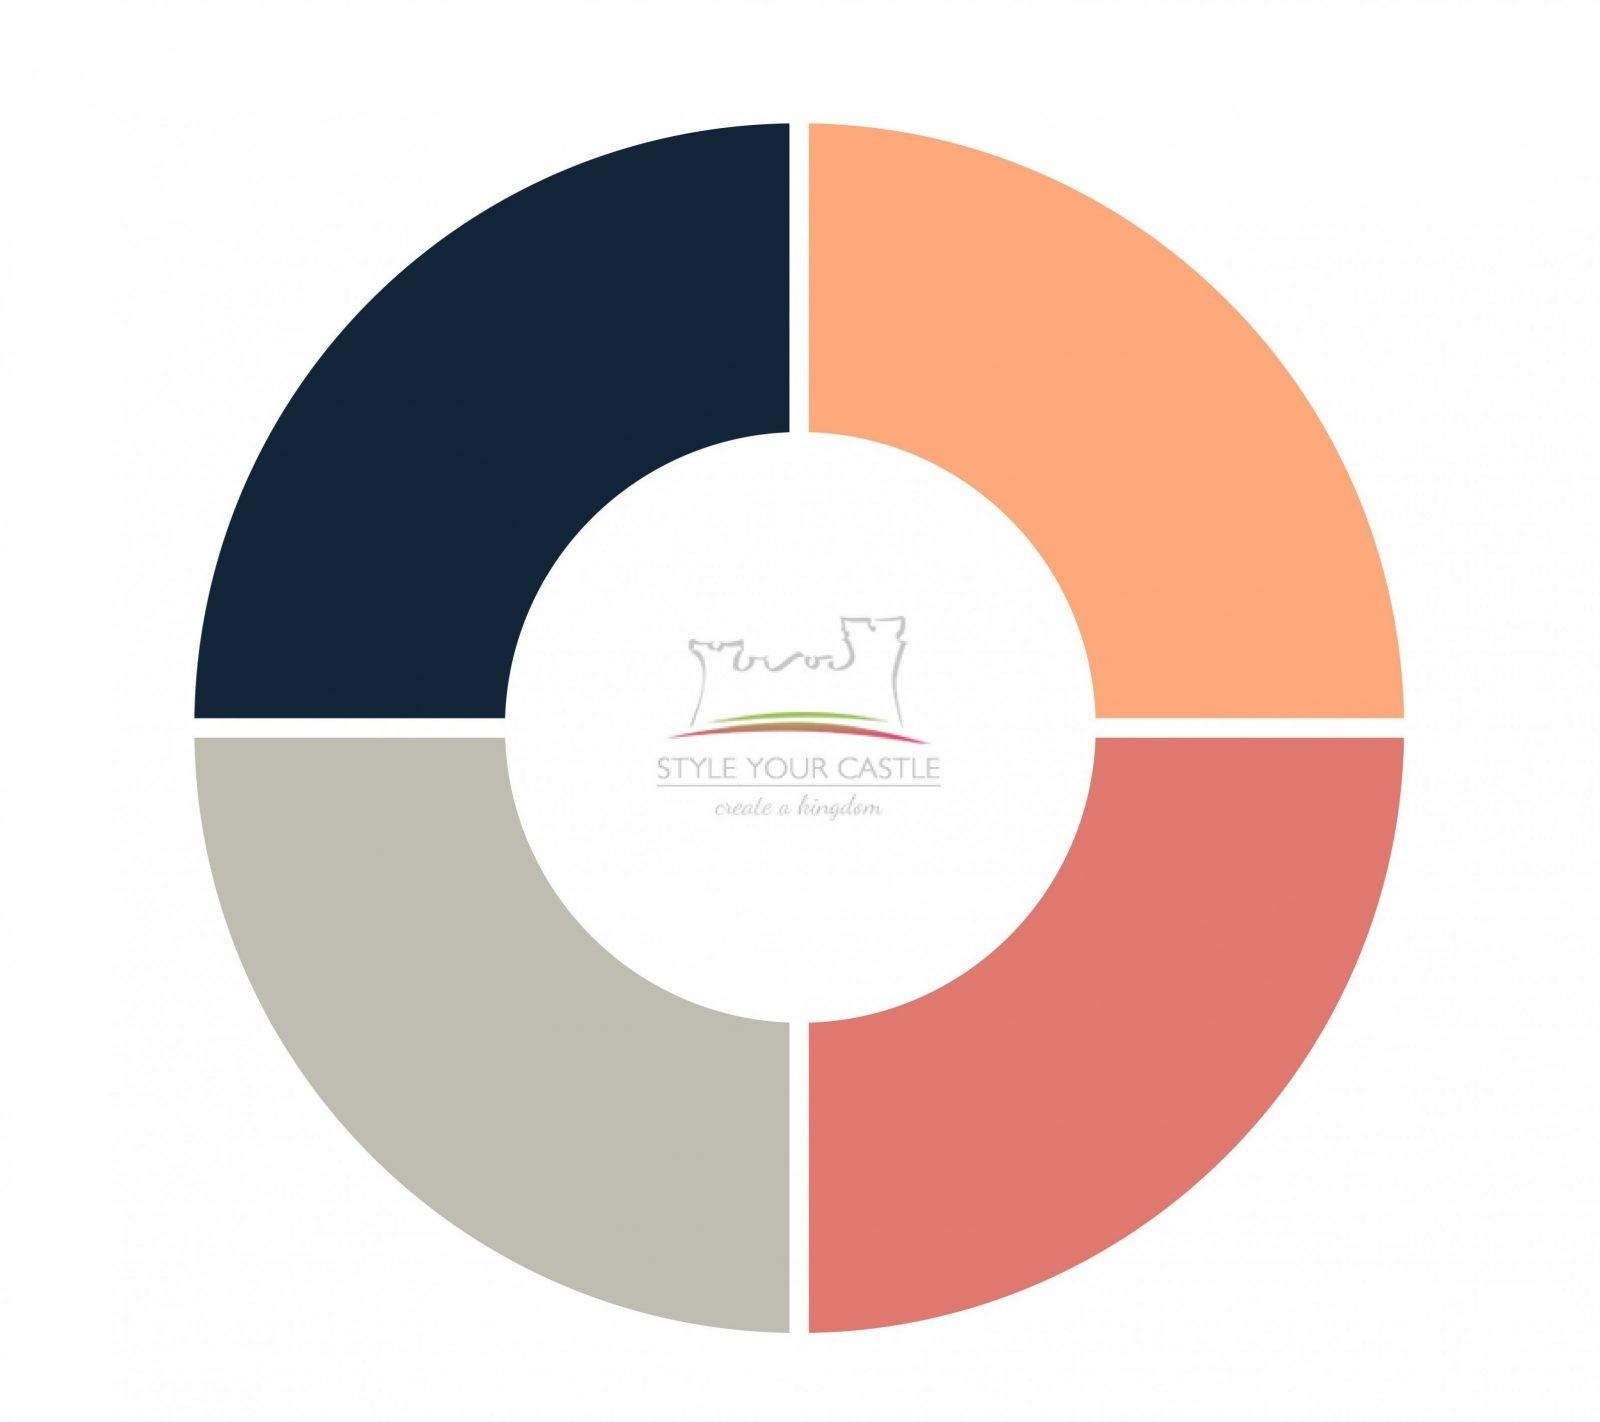 Best Welche Farben Ergeben Braun Contemporary  Kosherelsalvador von Welche Farben Ergeben Braun Photo